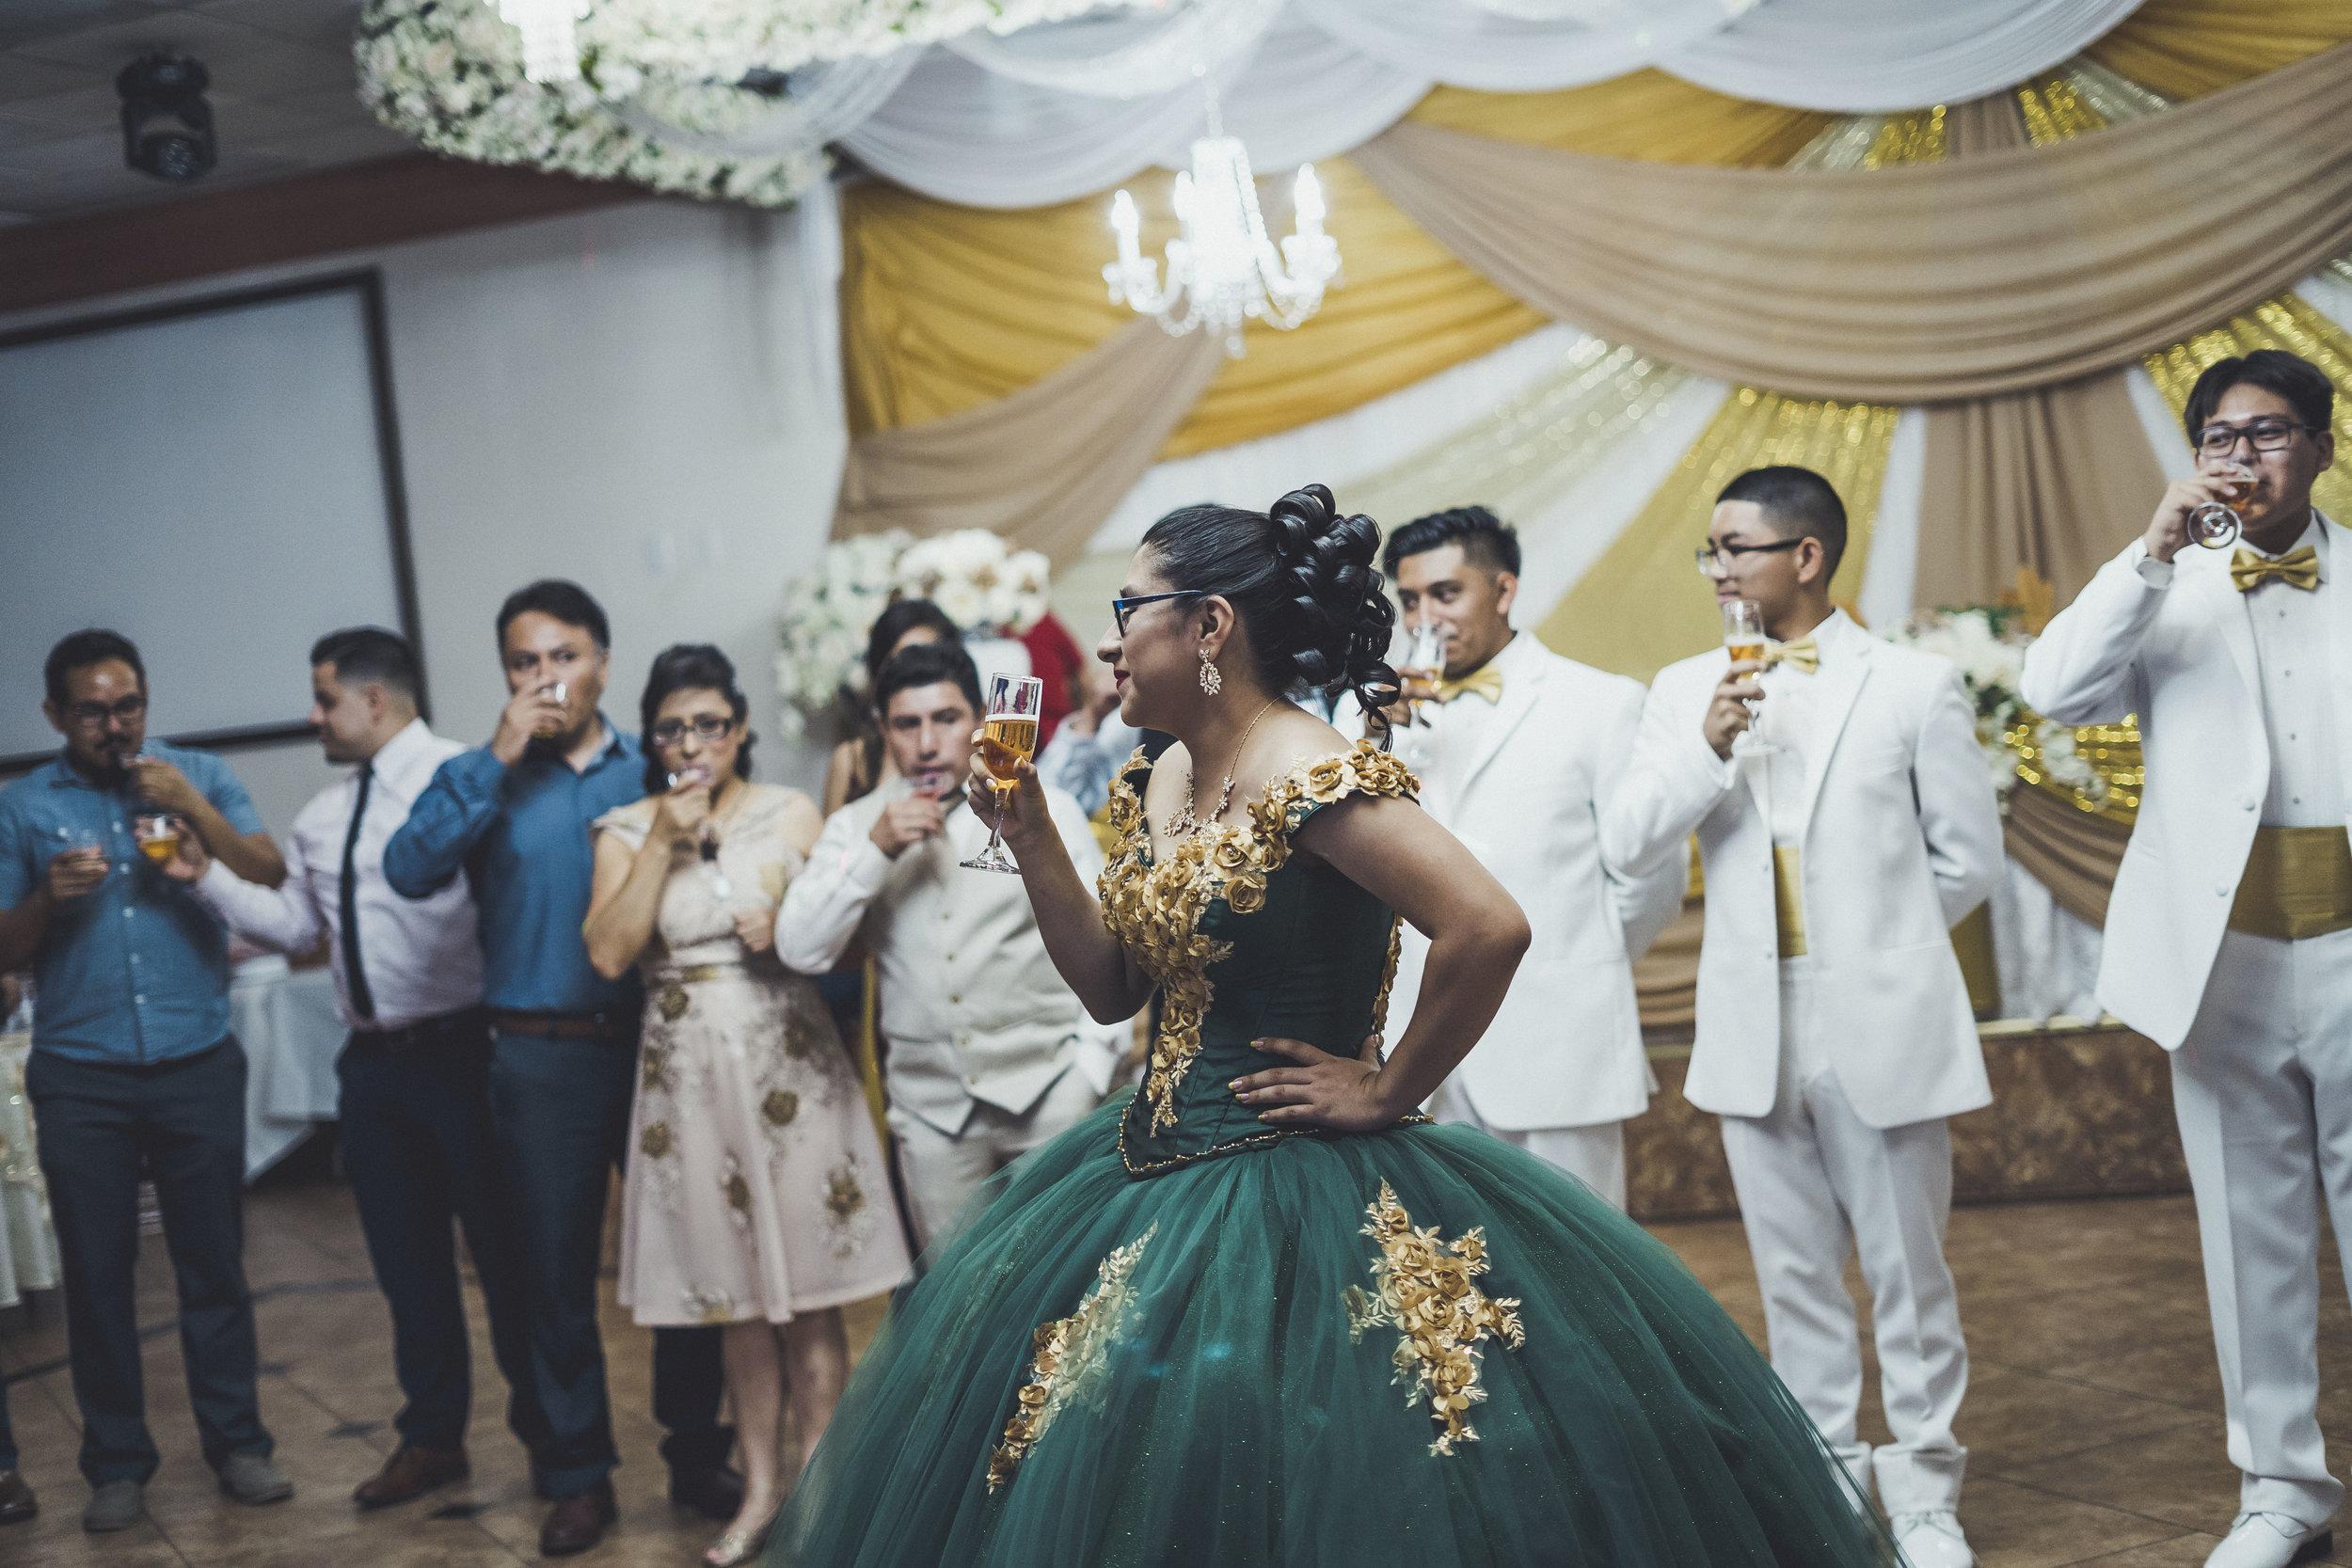 06-07-2019 Quinceañera - Ariana Garcia Maximilliano_6673.jpg